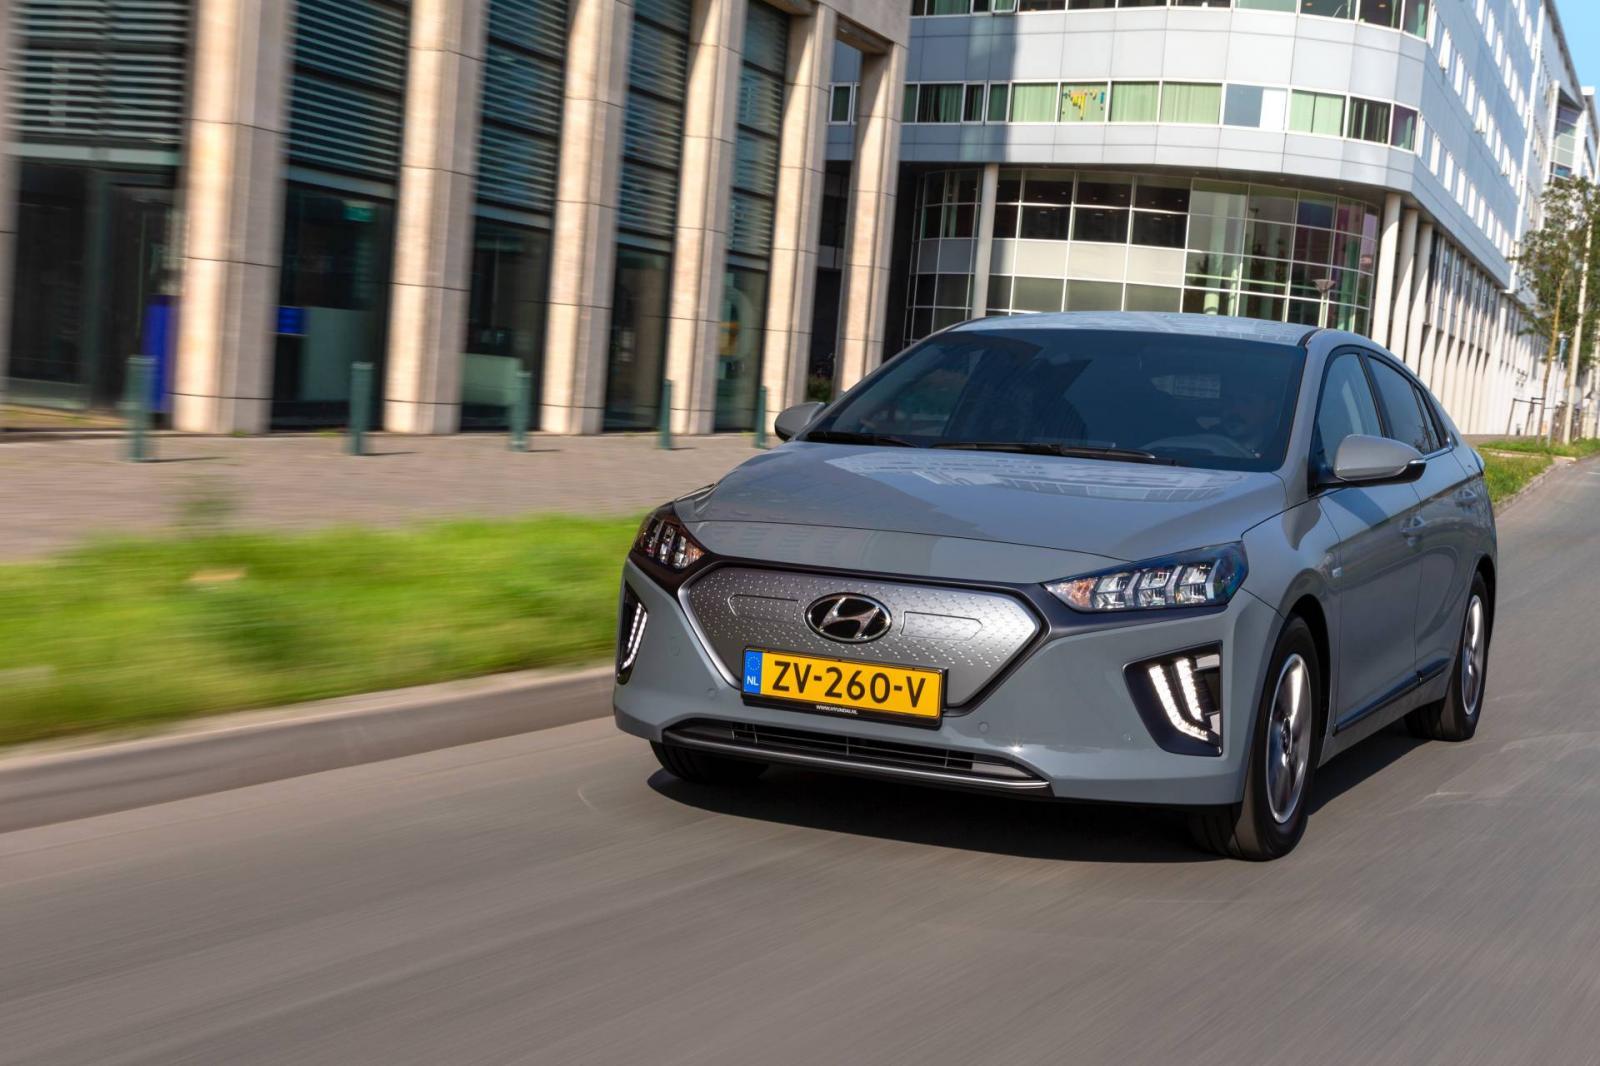 El Hyundai Ioniq Eléctrico 2020 presume una parrilla renovada, así como algunas otras mejoras estéticas